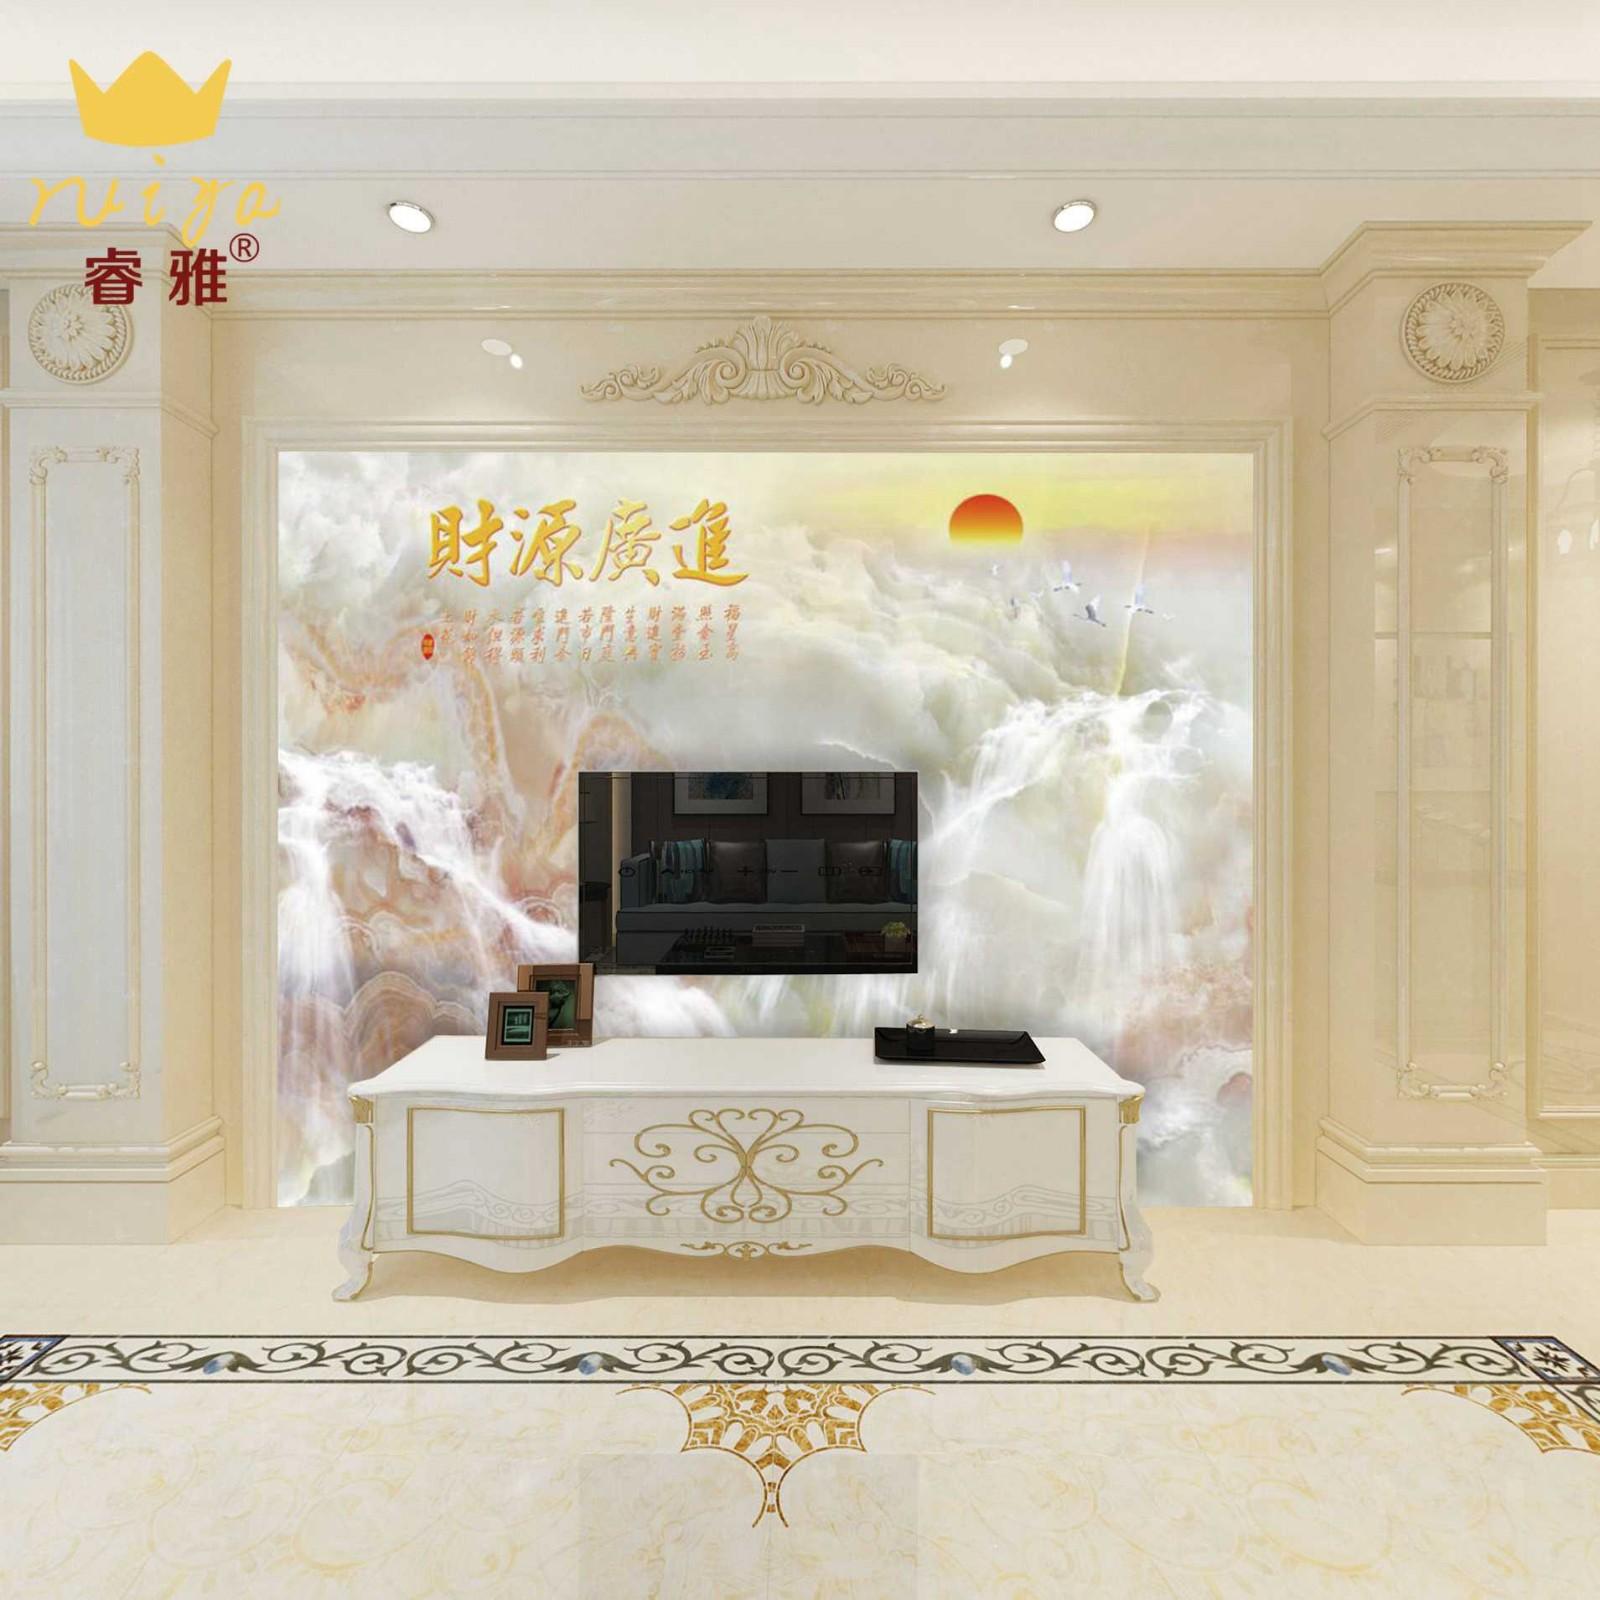 财源广进035 工艺:高温微晶800砖 165元/m²